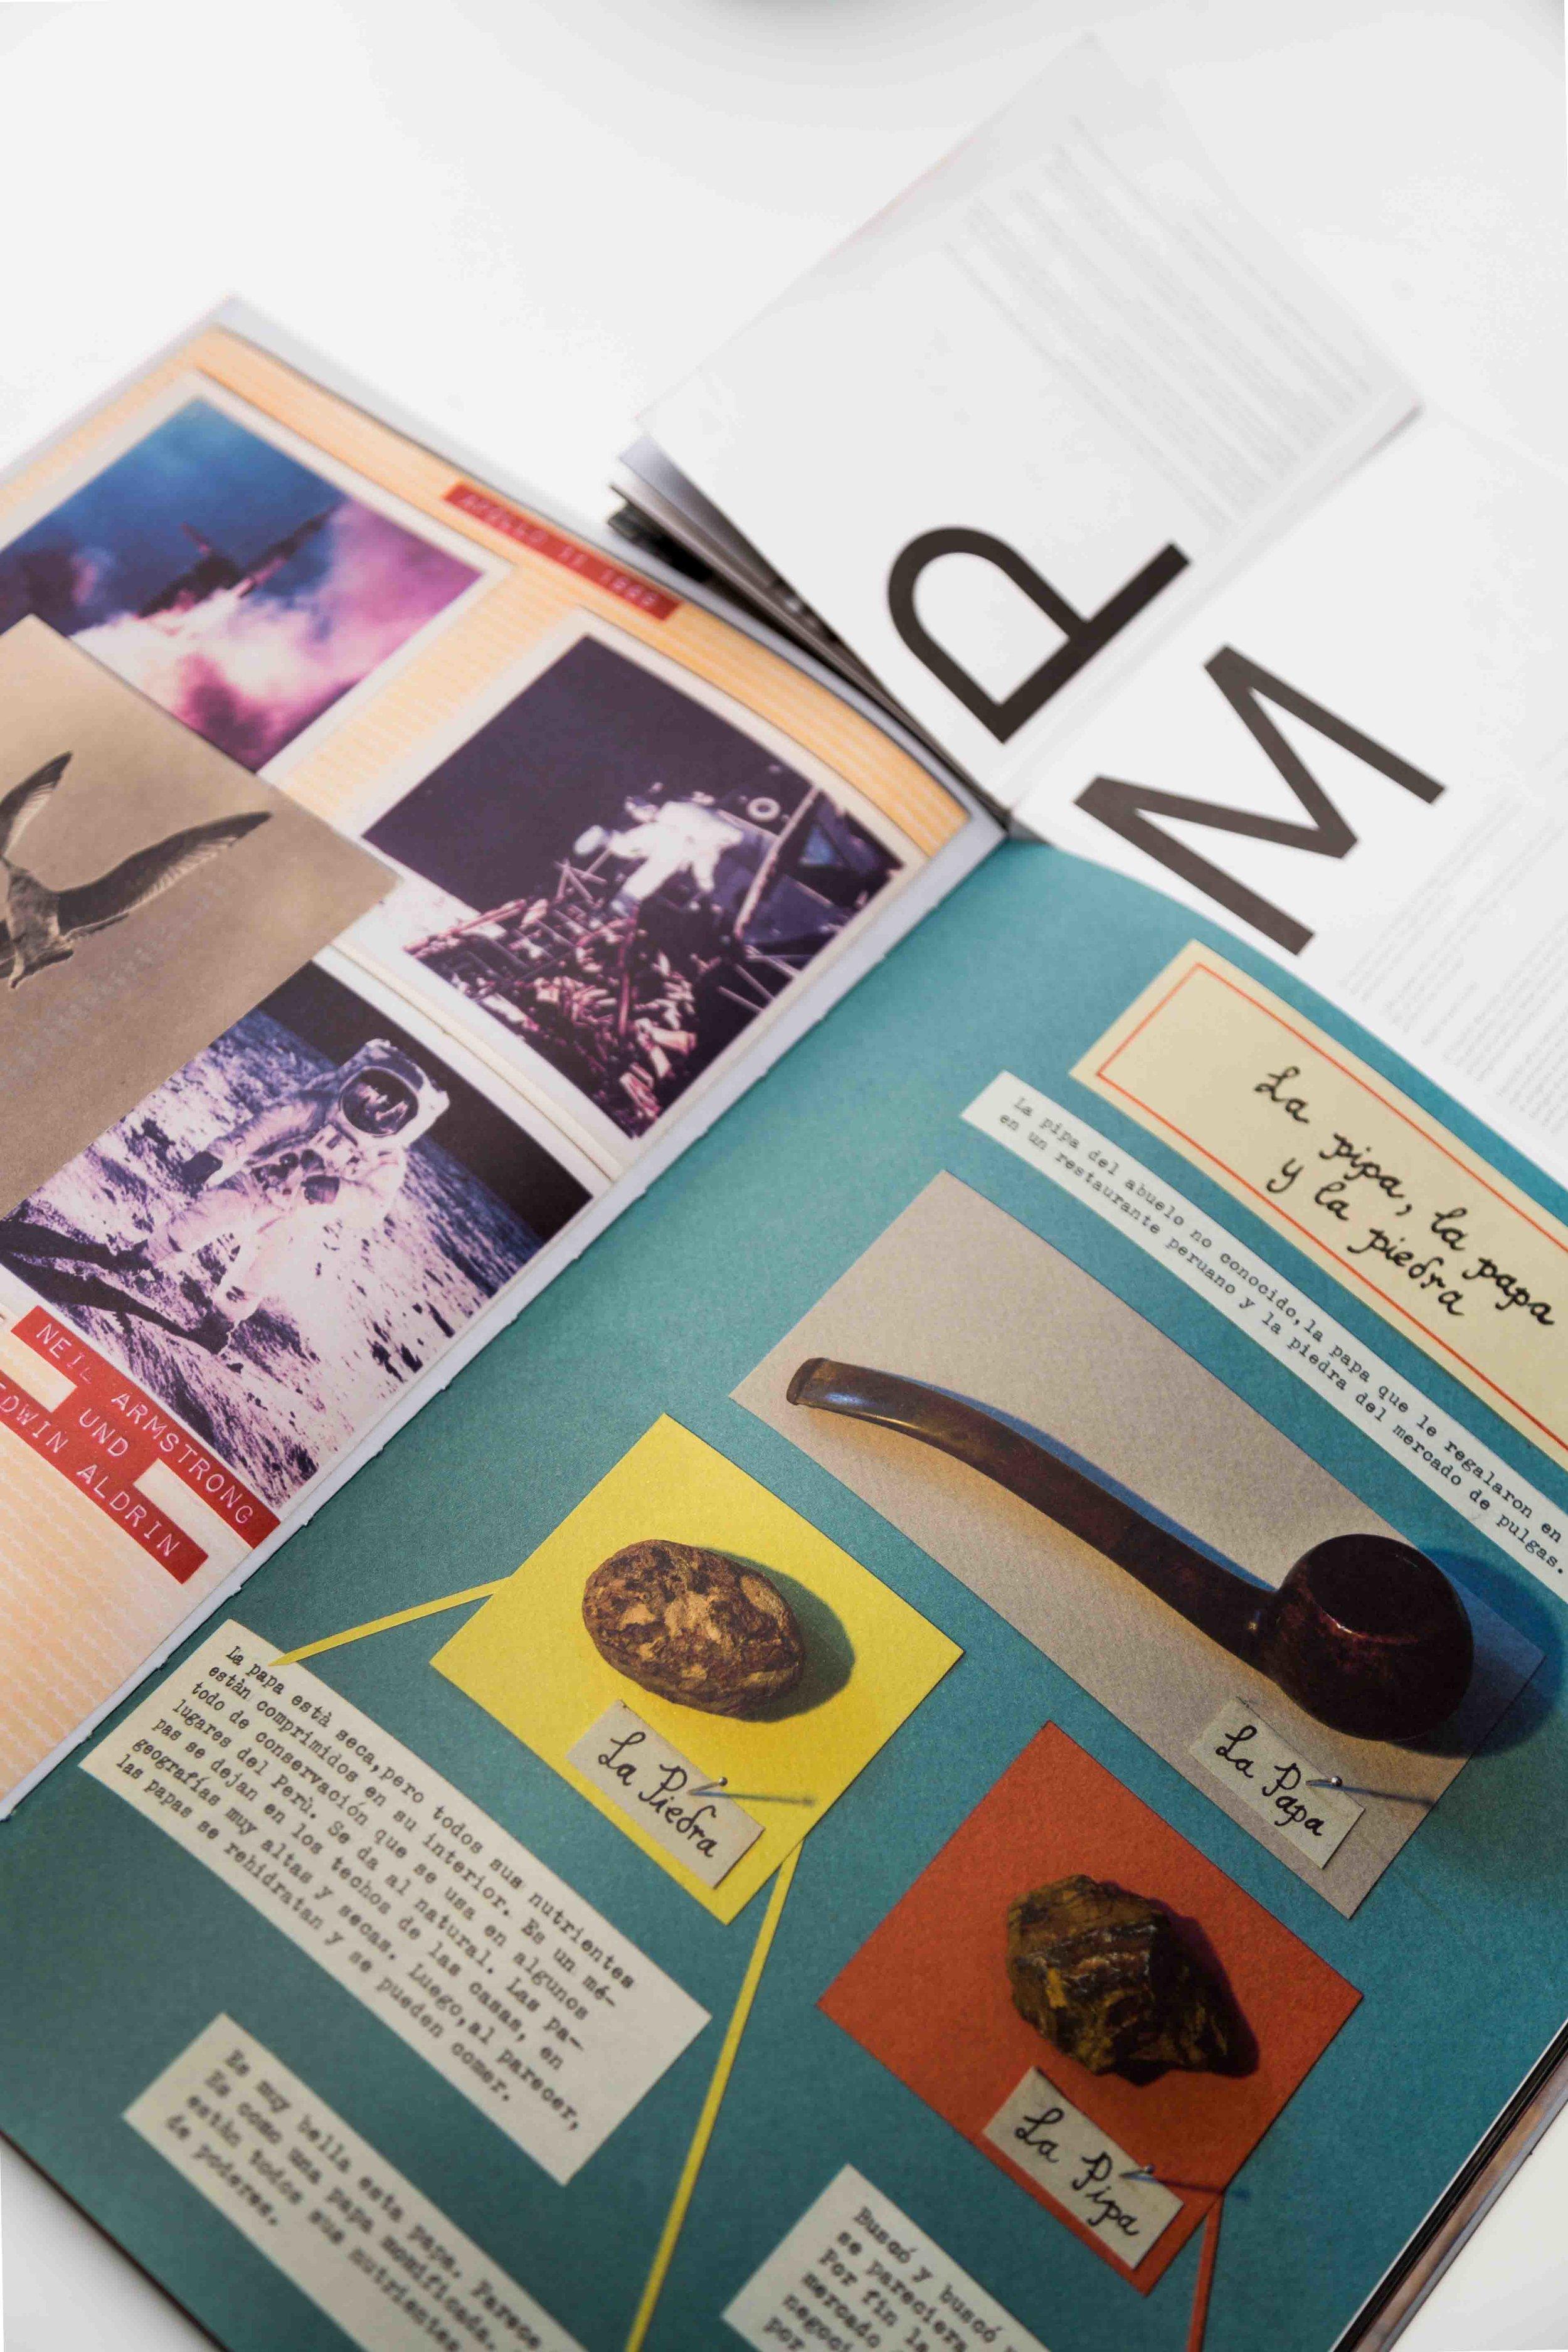 GMP - Fotolibros Colombianos  - Varios Autores-9656-108.jpg